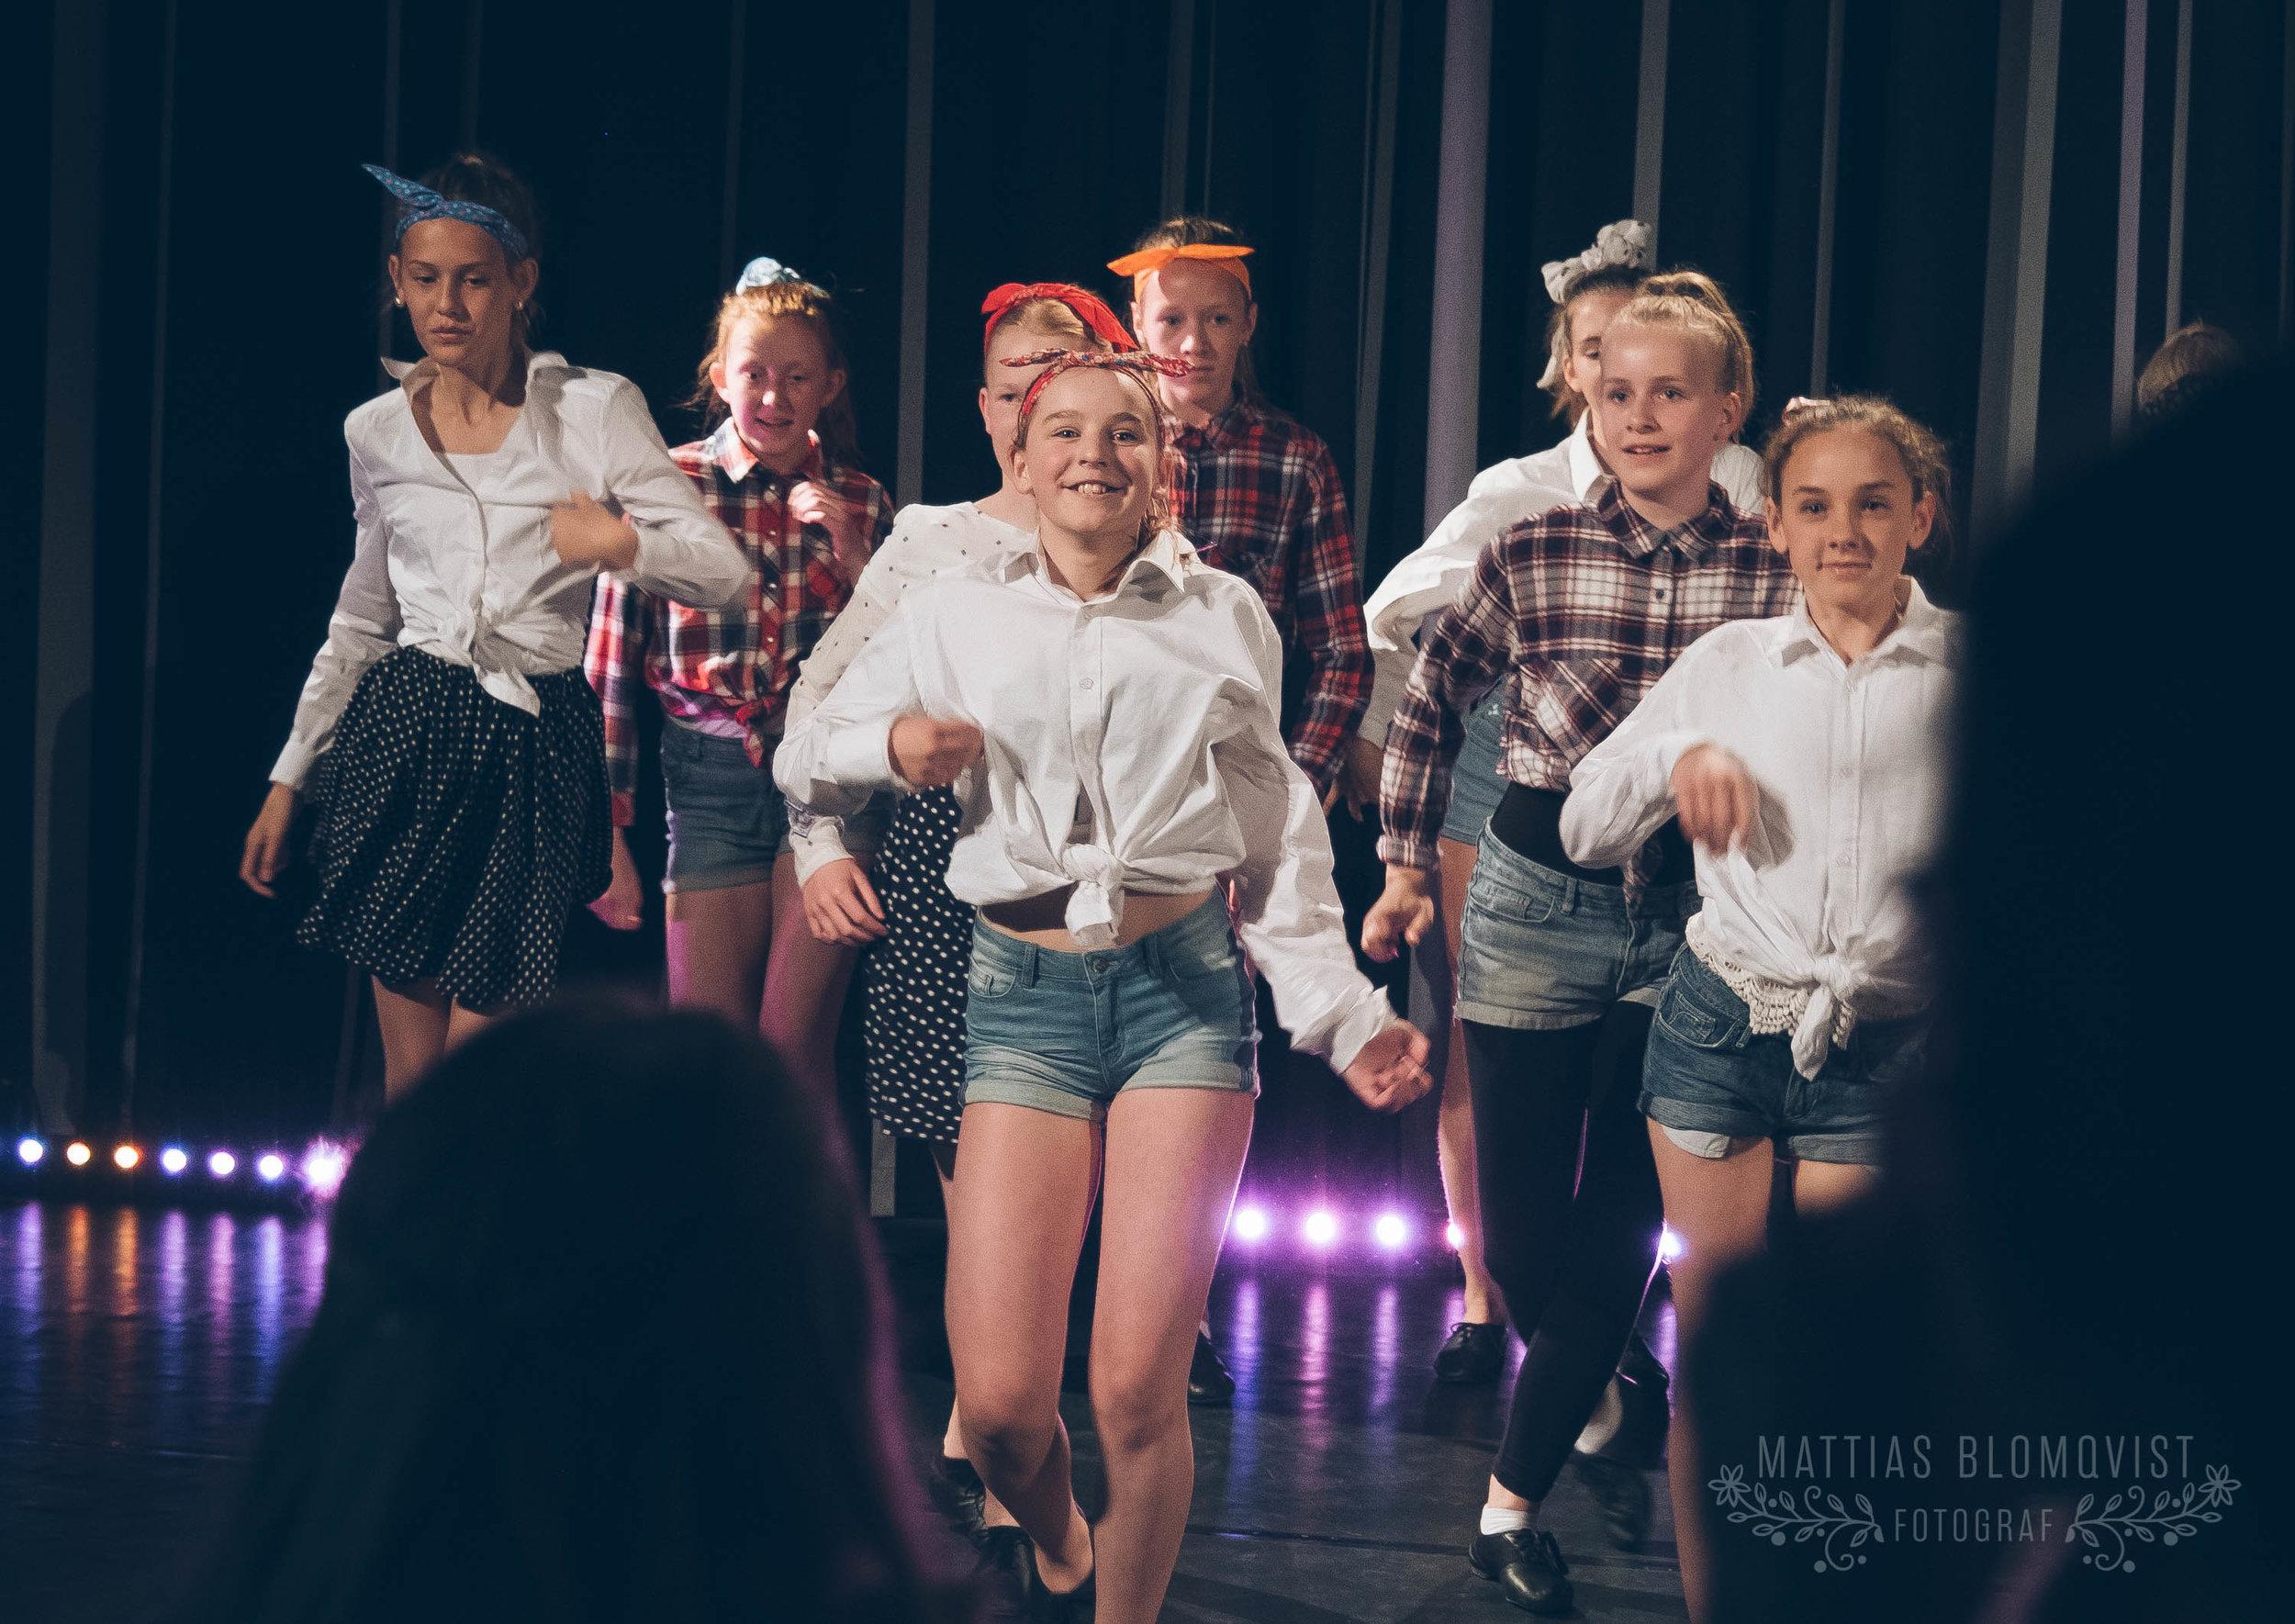 Dansavslutning2017-DSCF8320.jpg